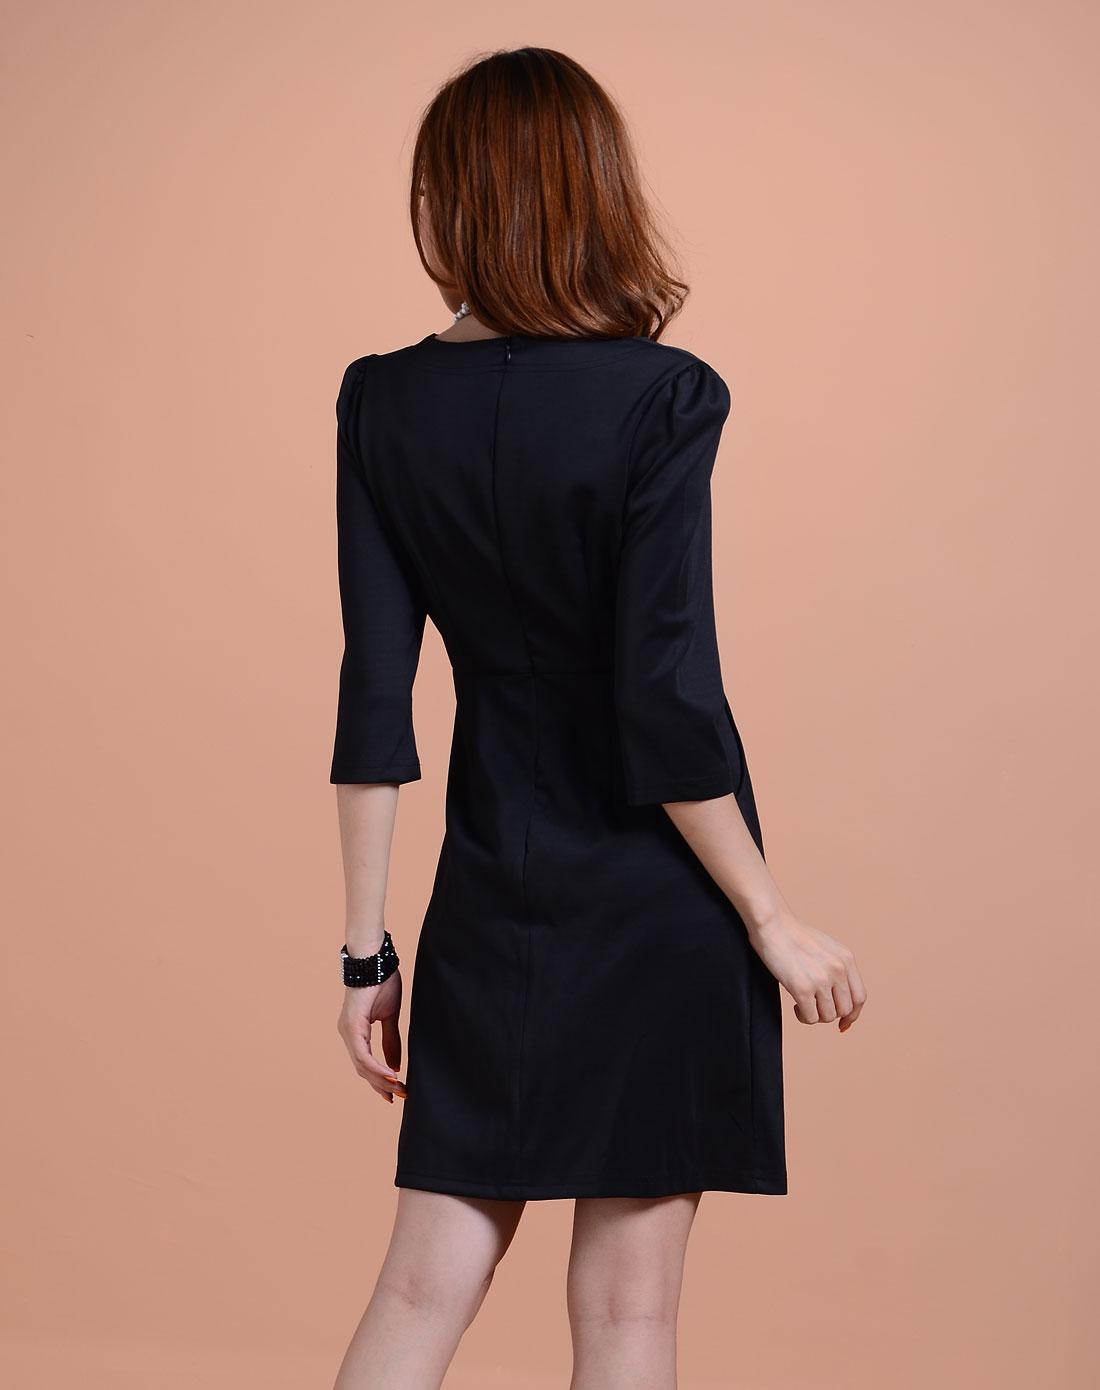 袖时尚_黑色时尚中袖连衣裙